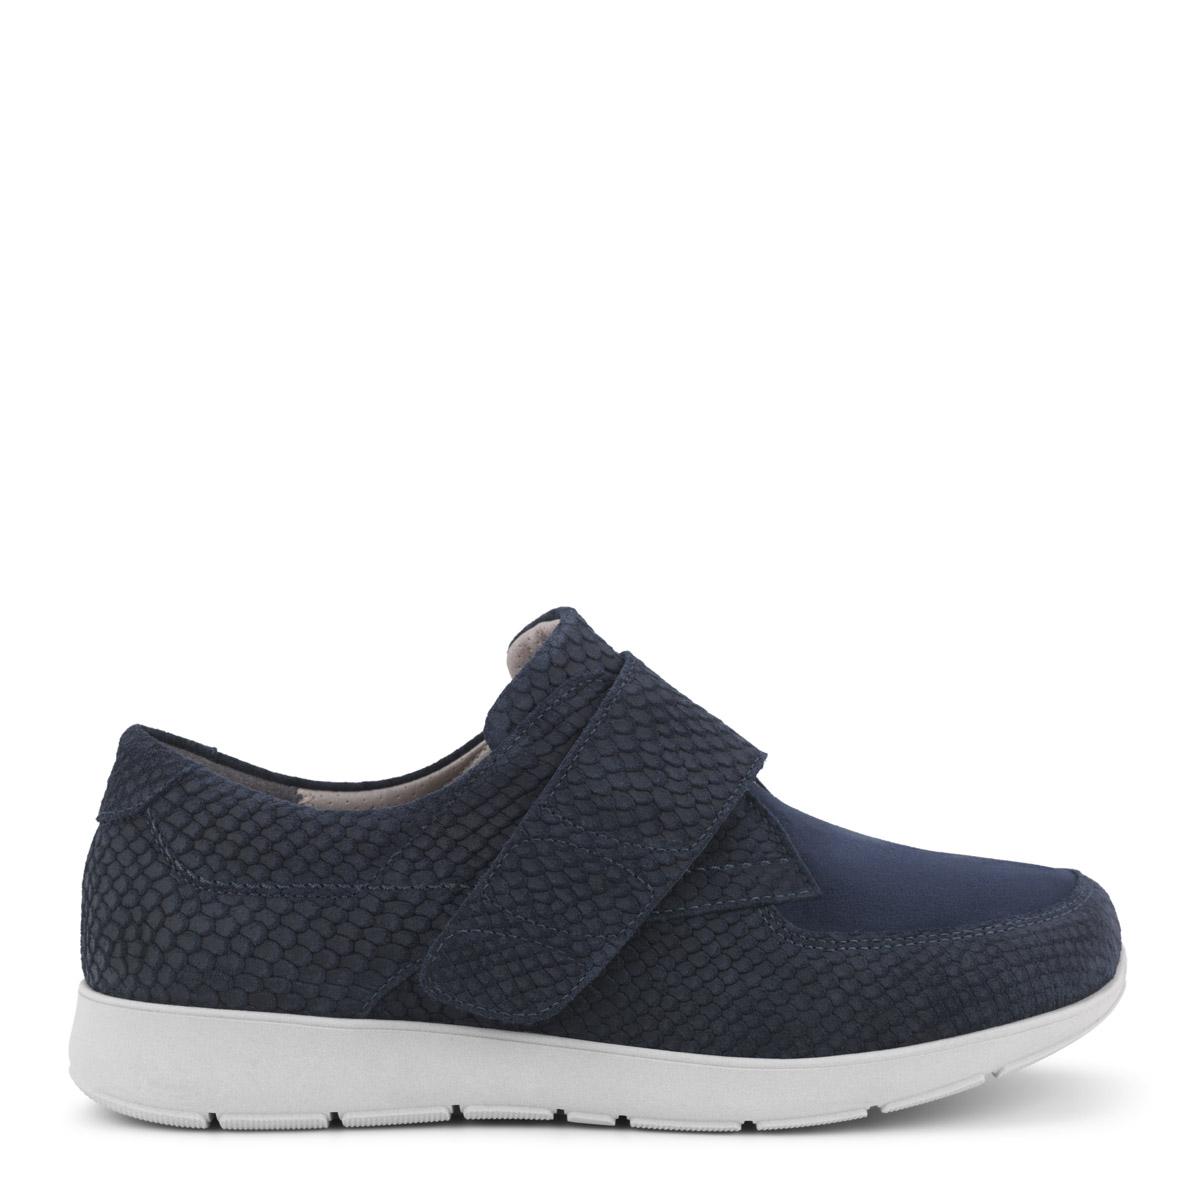 New Feet blå velcrosko med præget skind